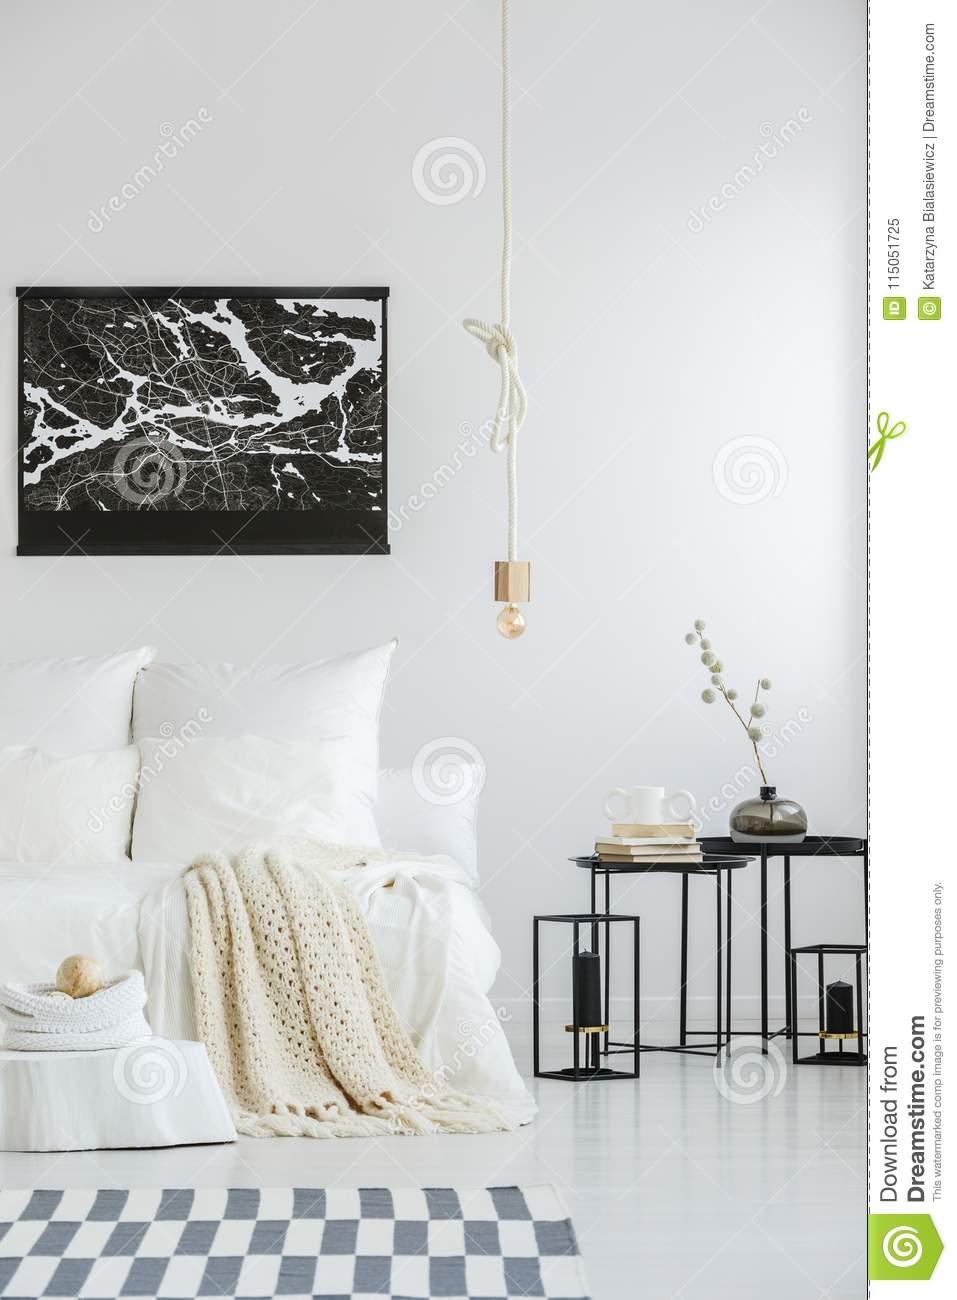 Full Size of Weißes Schlafzimmer Weies Mit Karierter Stockbild Bild Von Schrank Nolte Wandleuchte Gardinen Regal Bett 140x200 Weiß Komplette Günstige Wandlampe Schlafzimmer Weißes Schlafzimmer